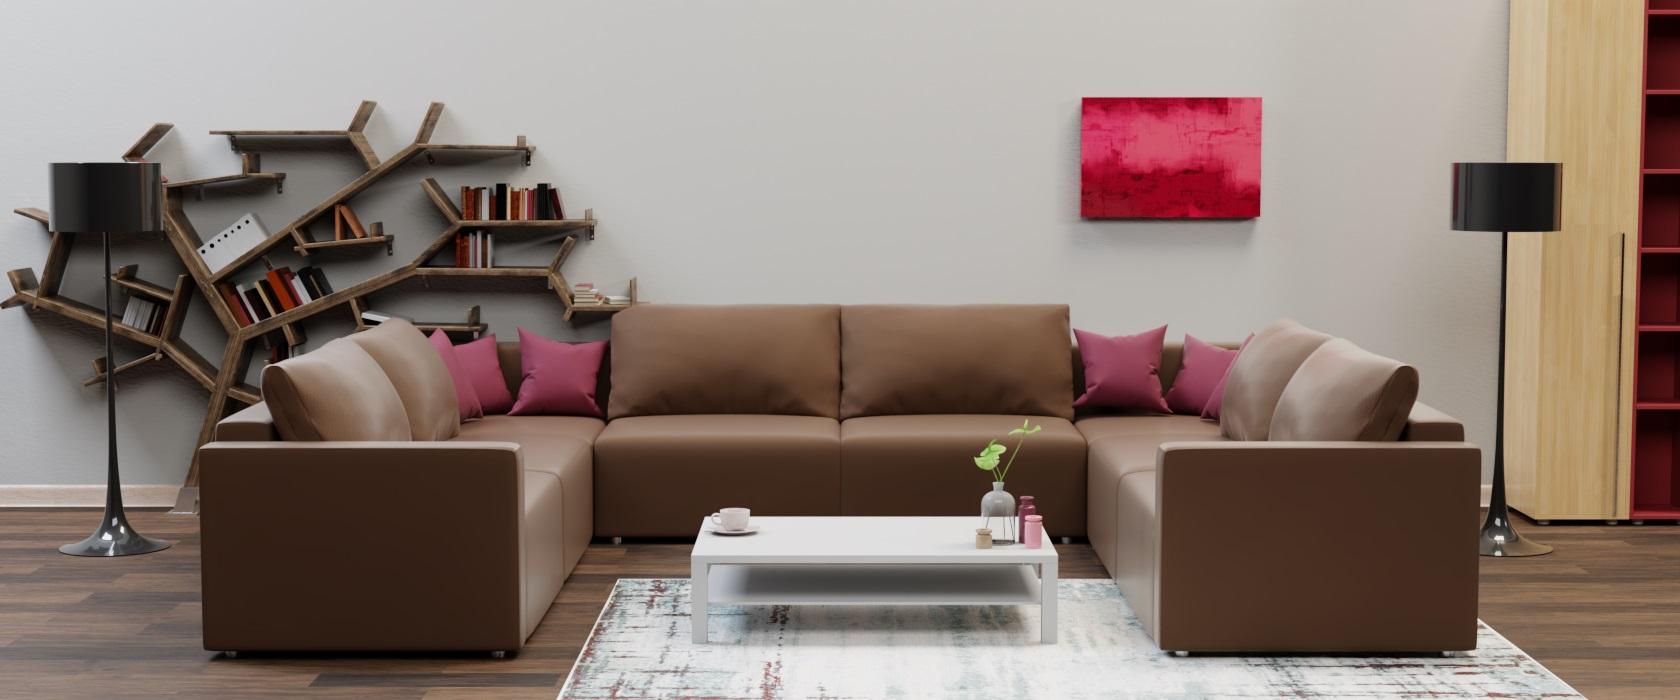 Модульний диван Greta П образний 404x317 - Фото 2 - Pufetto